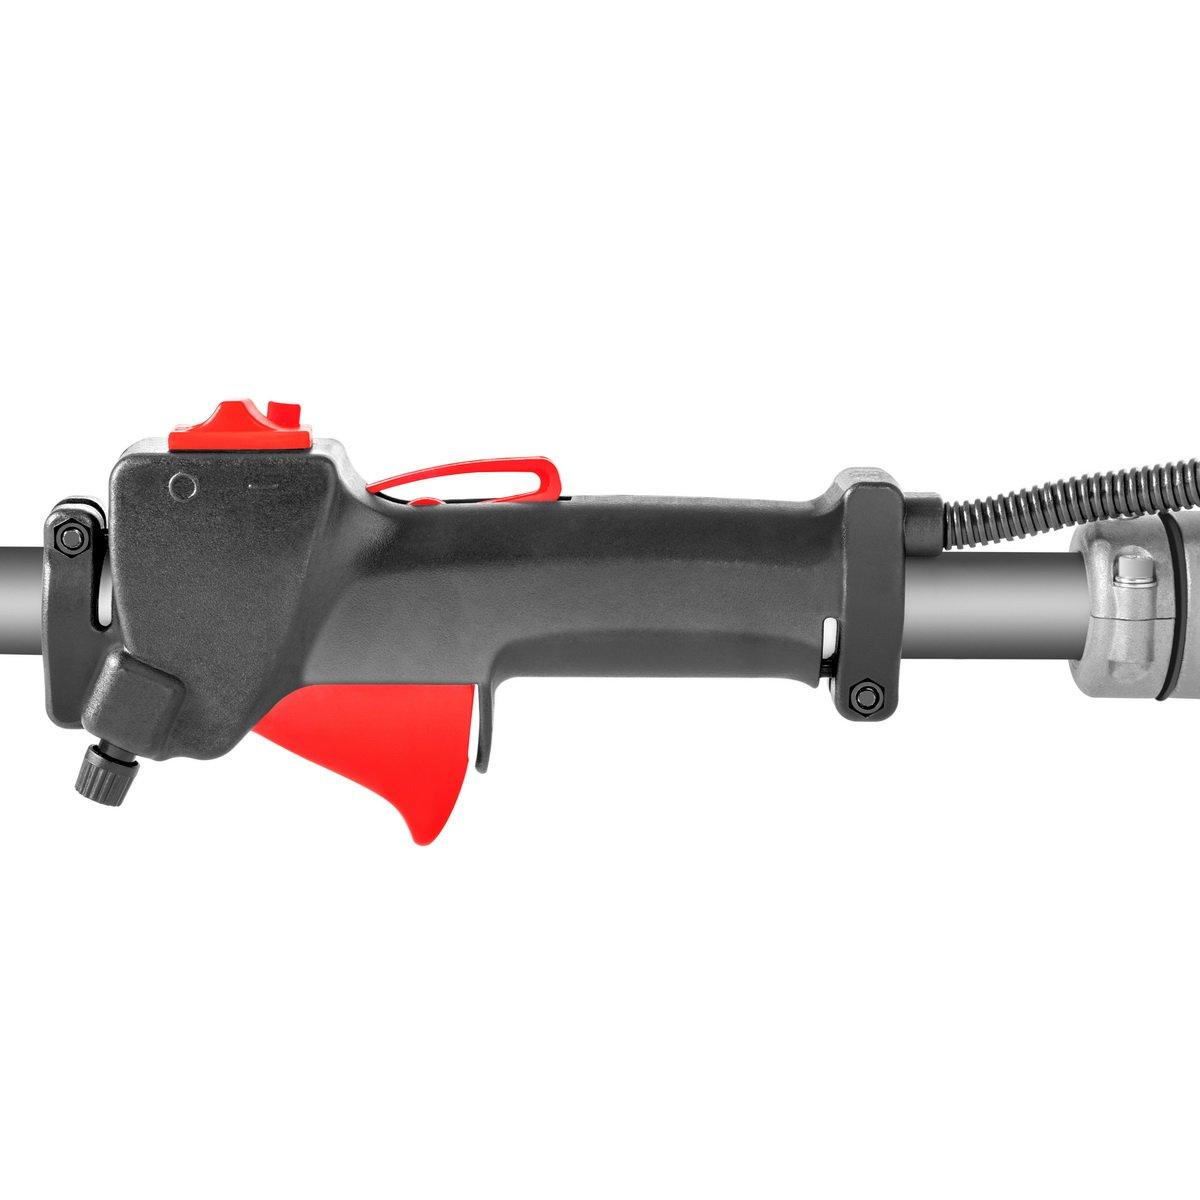 podadora y cortasetos 5 en 1 Greencut GM650X-5 Herramienta multifunci/ón desbrozadora